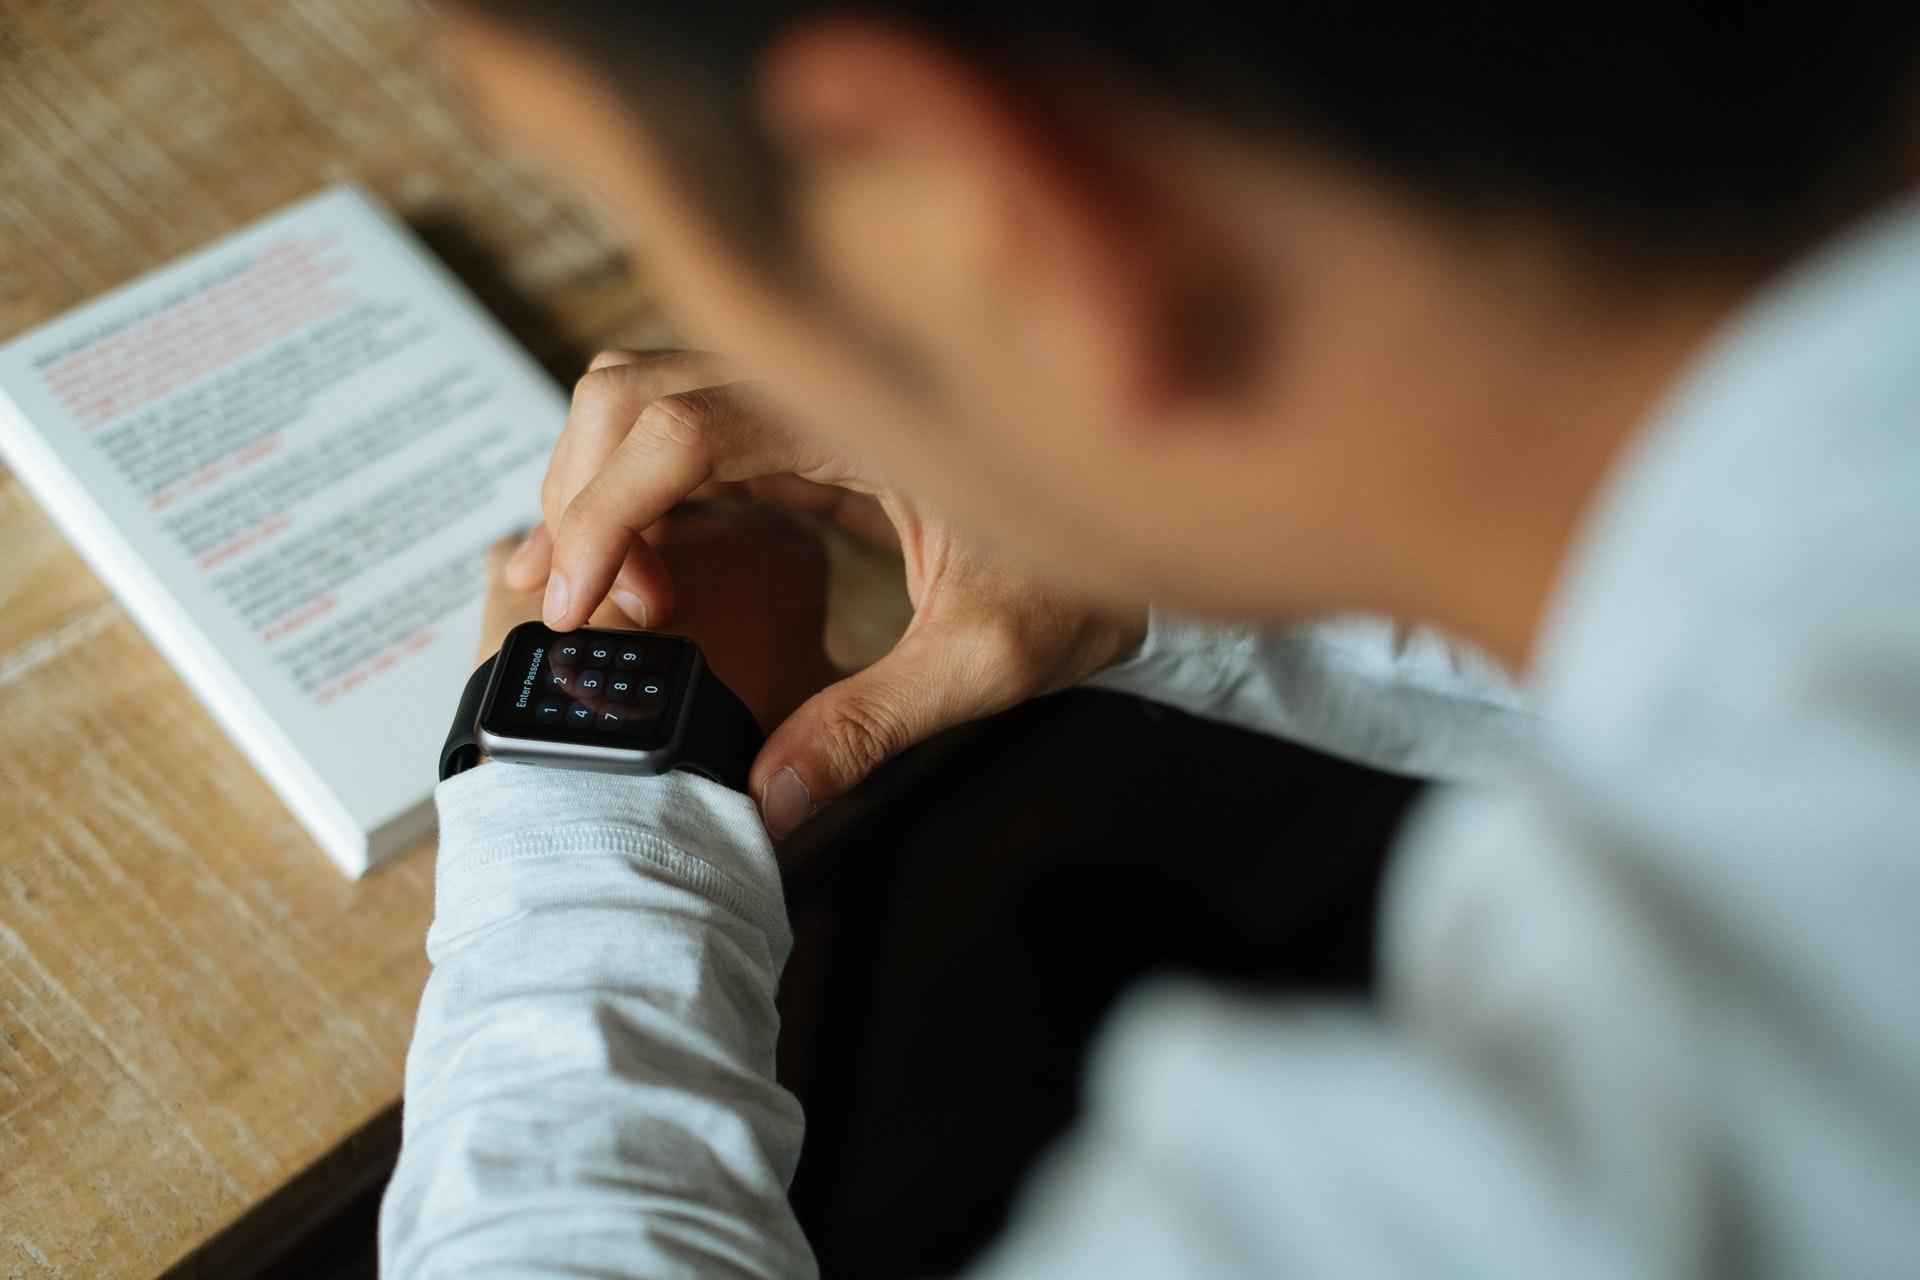 jaki smartwatch kupić